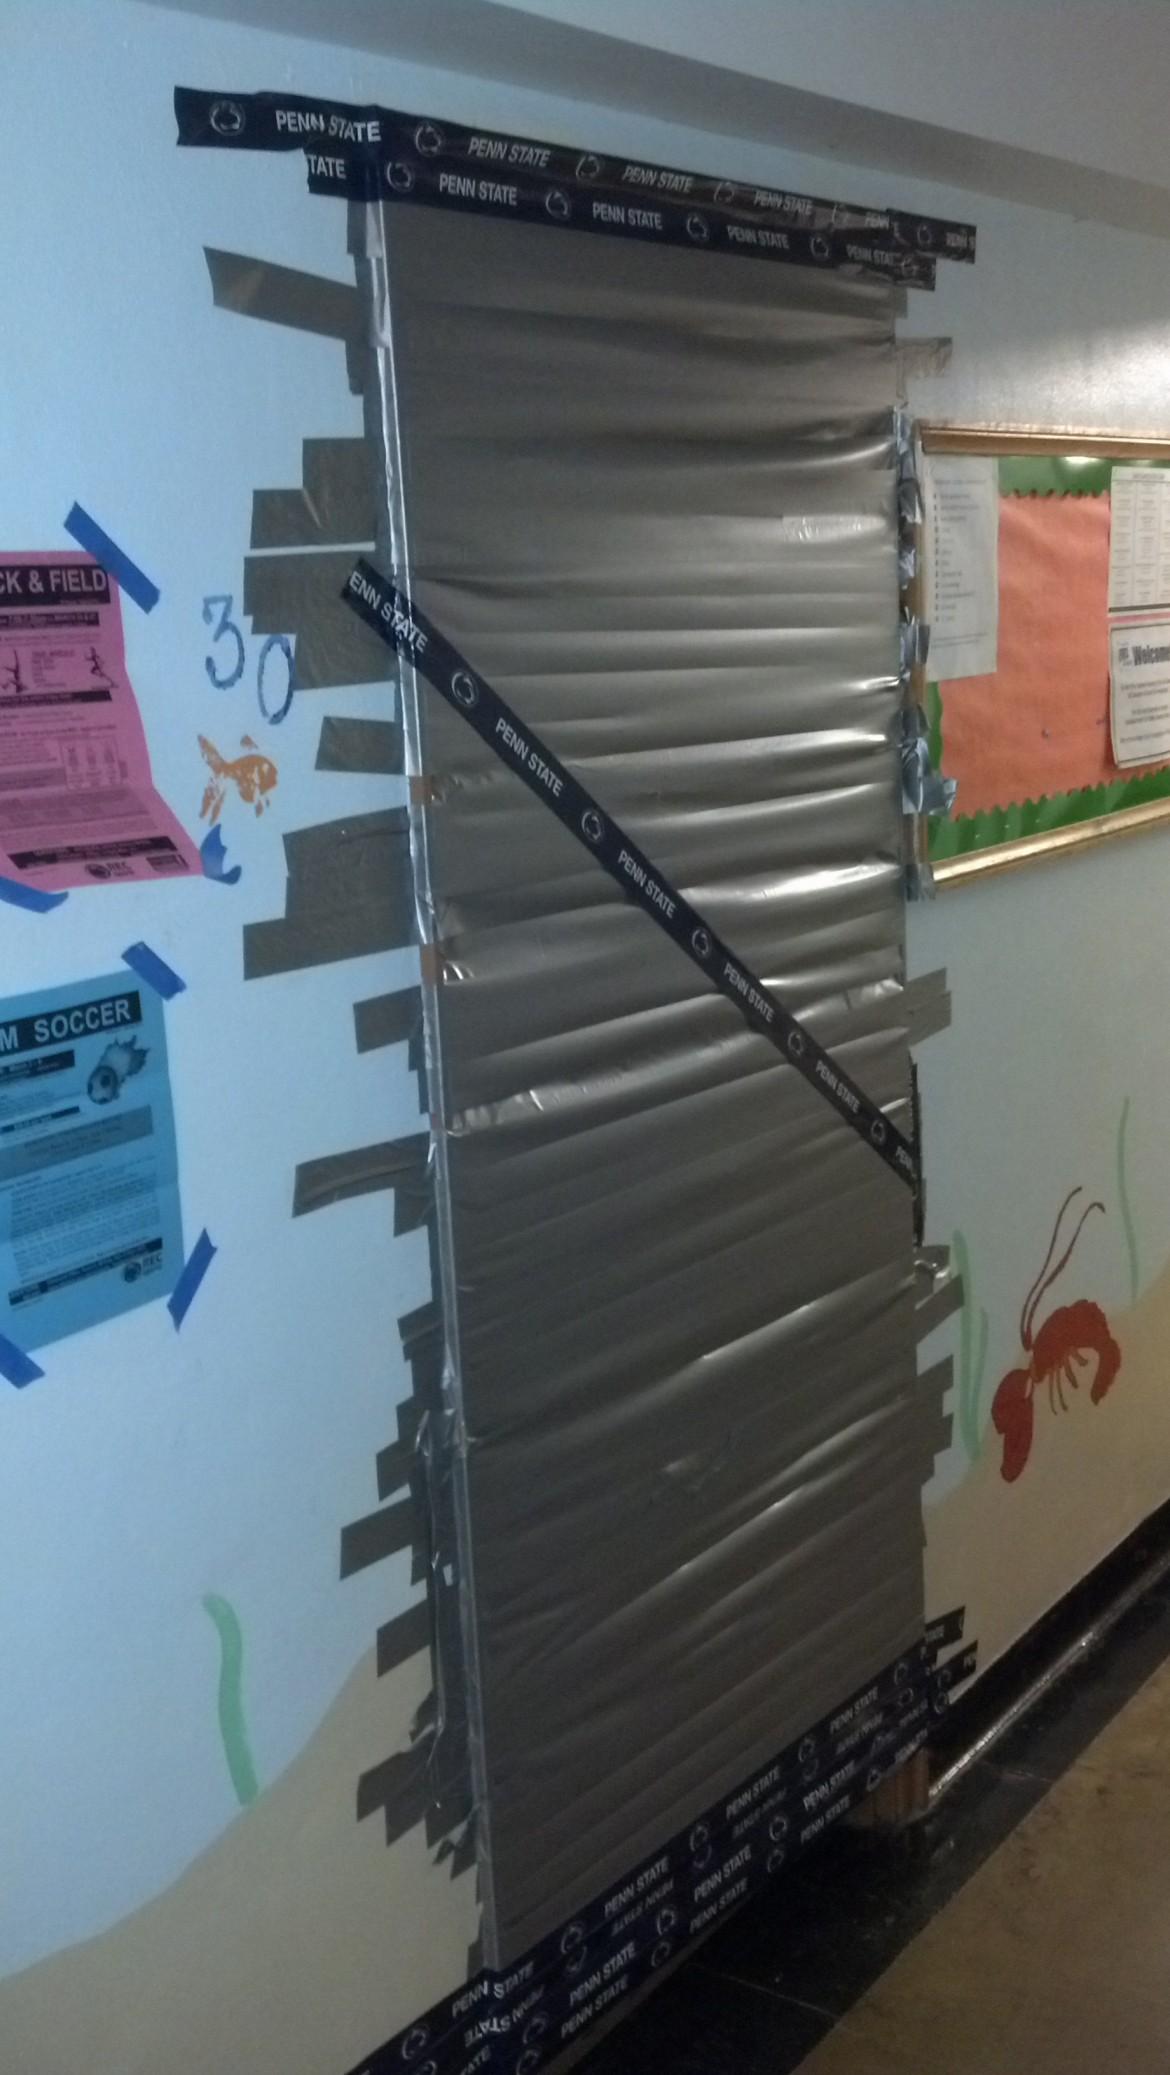 Somebody duct taped my RAs door shut last night.